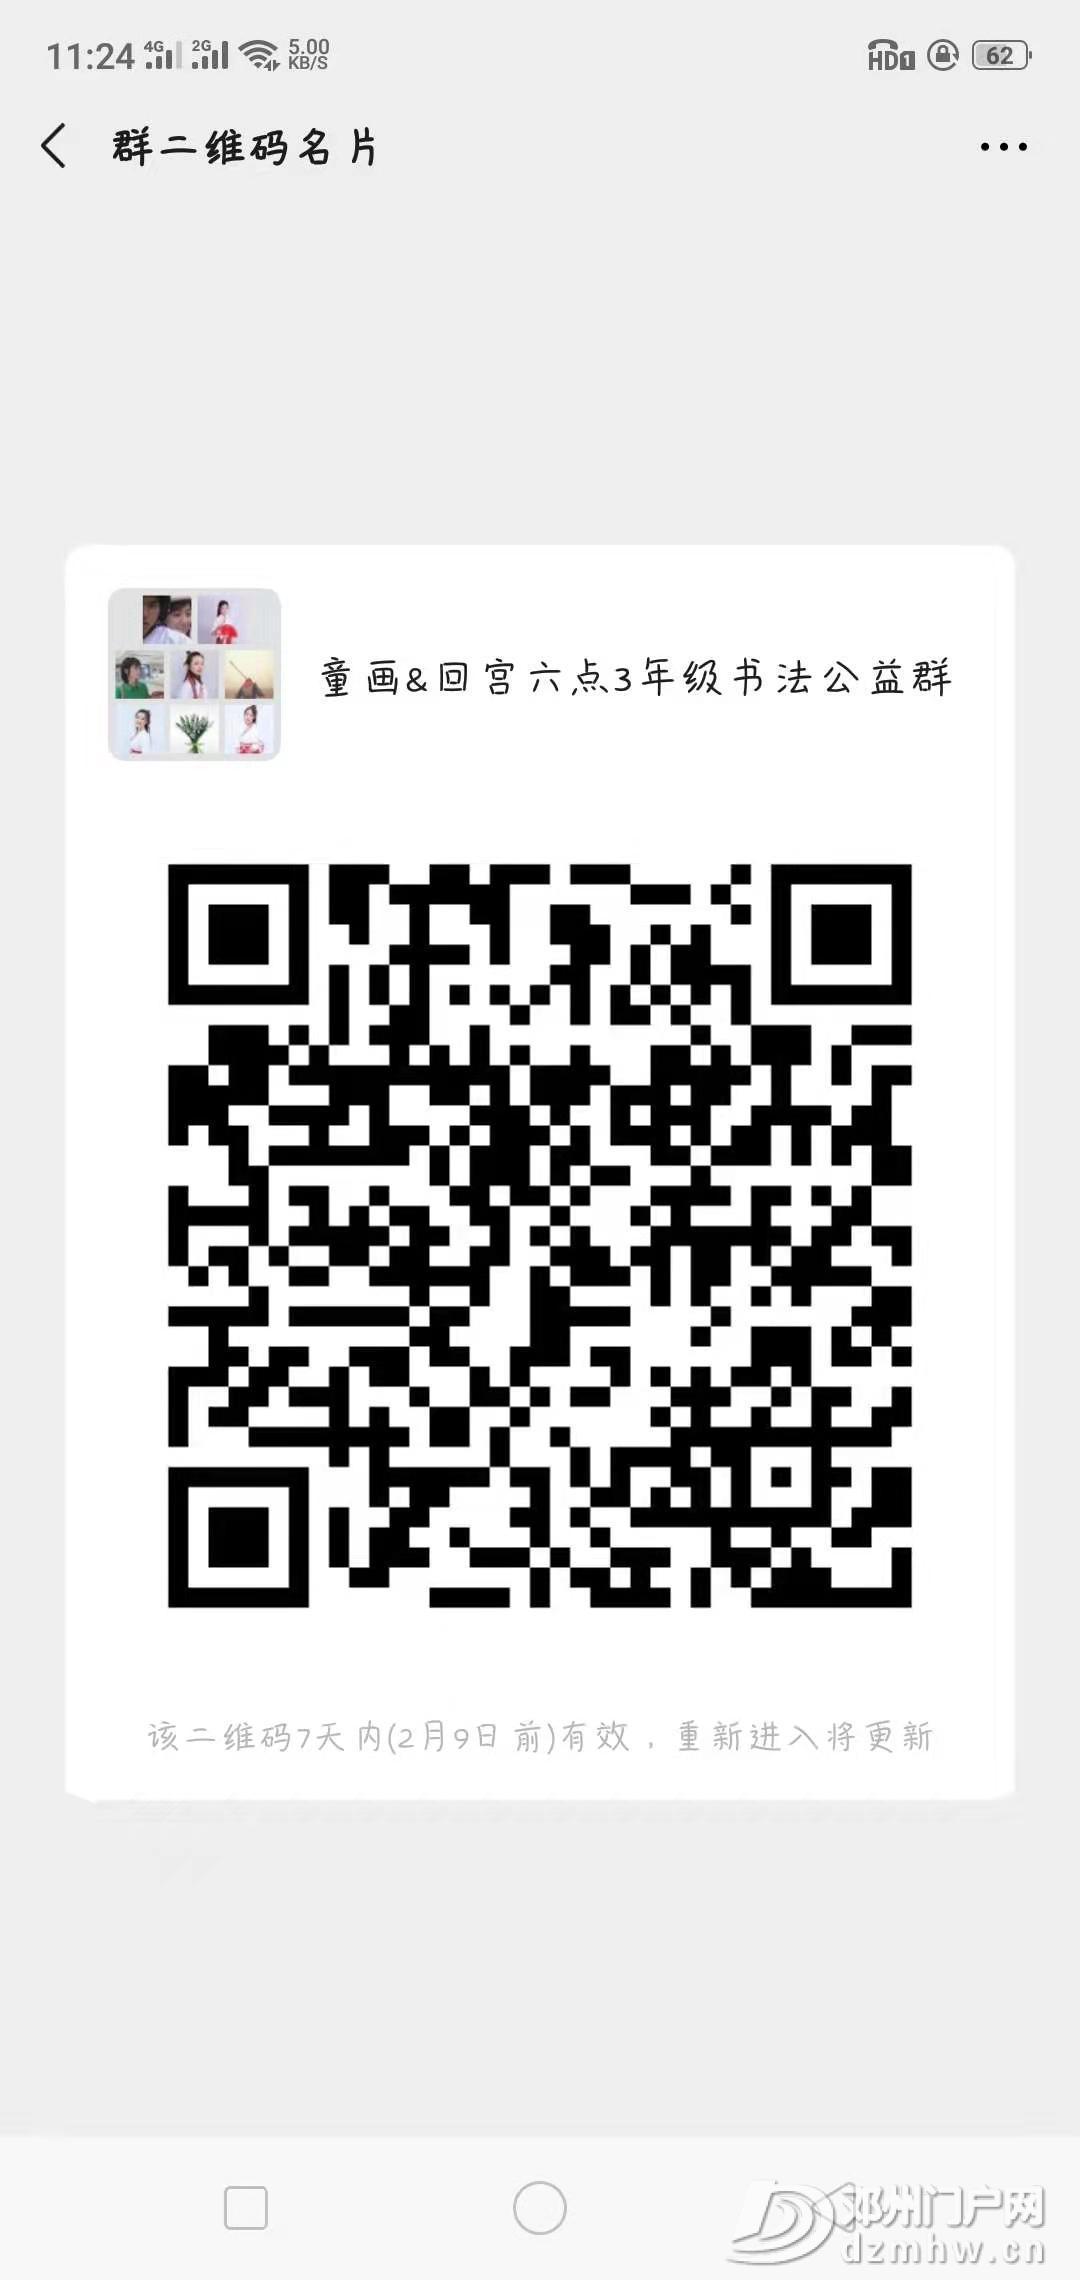 童画线上公益活动课 - 邓州门户网|邓州网 - 13.jpg